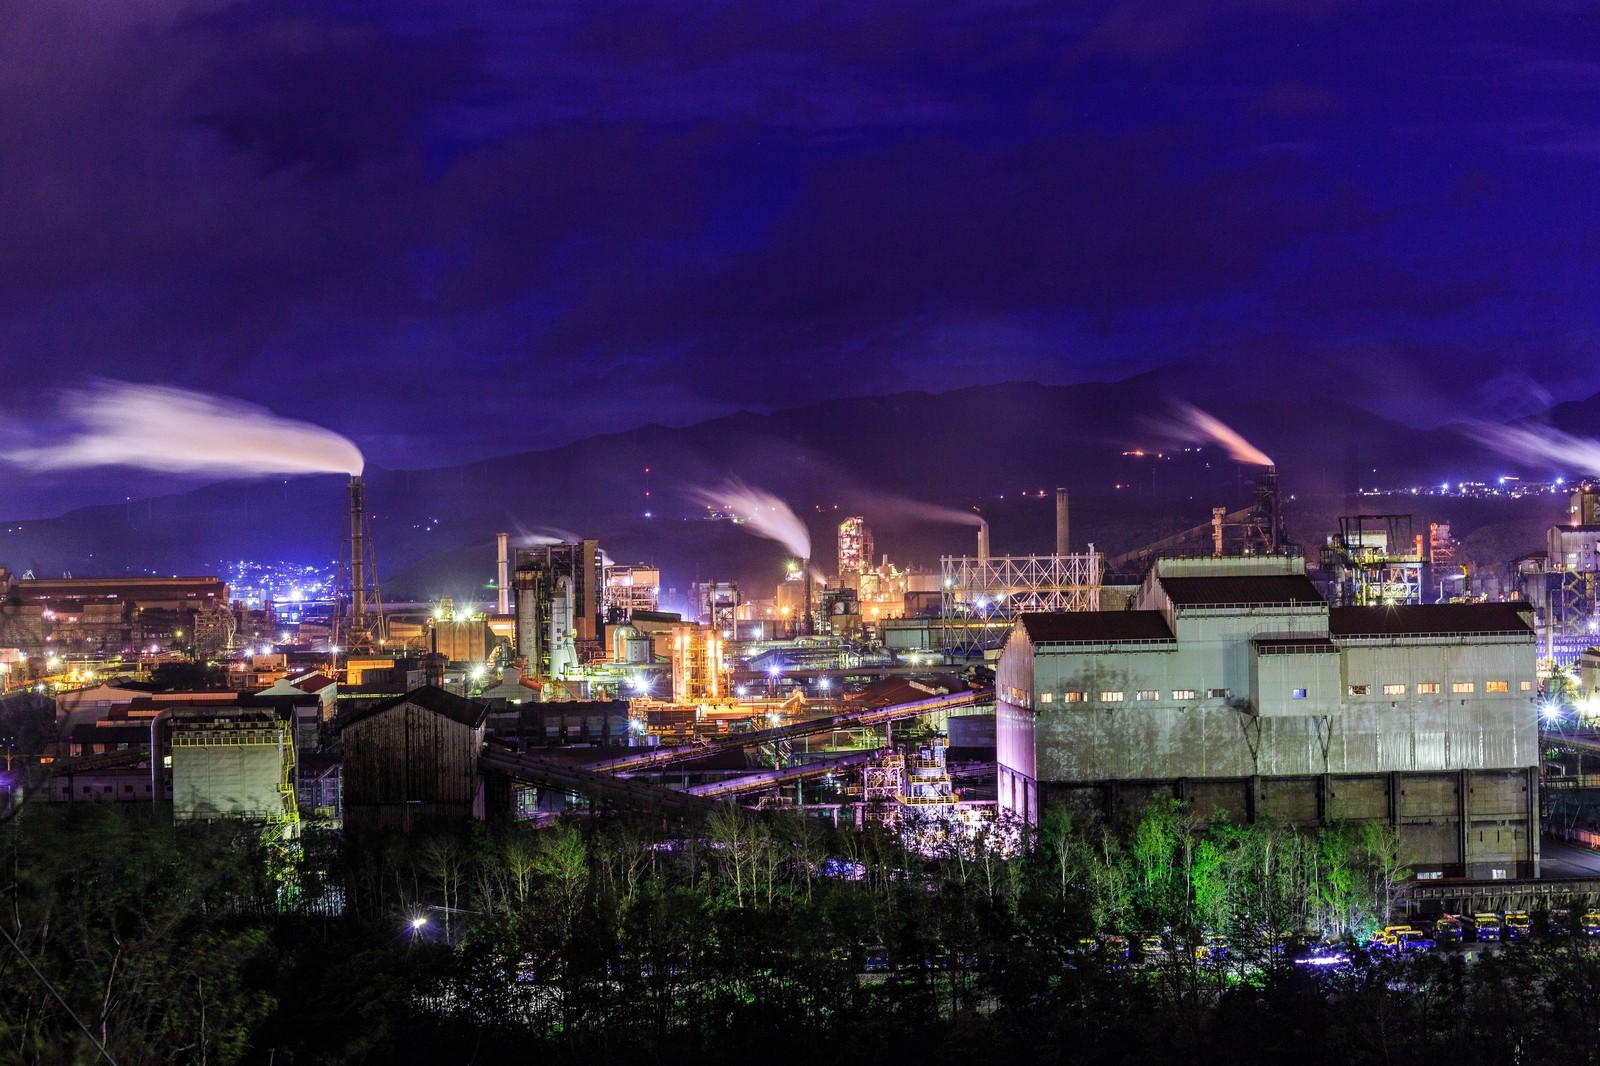 煙がたなびく工場地帯